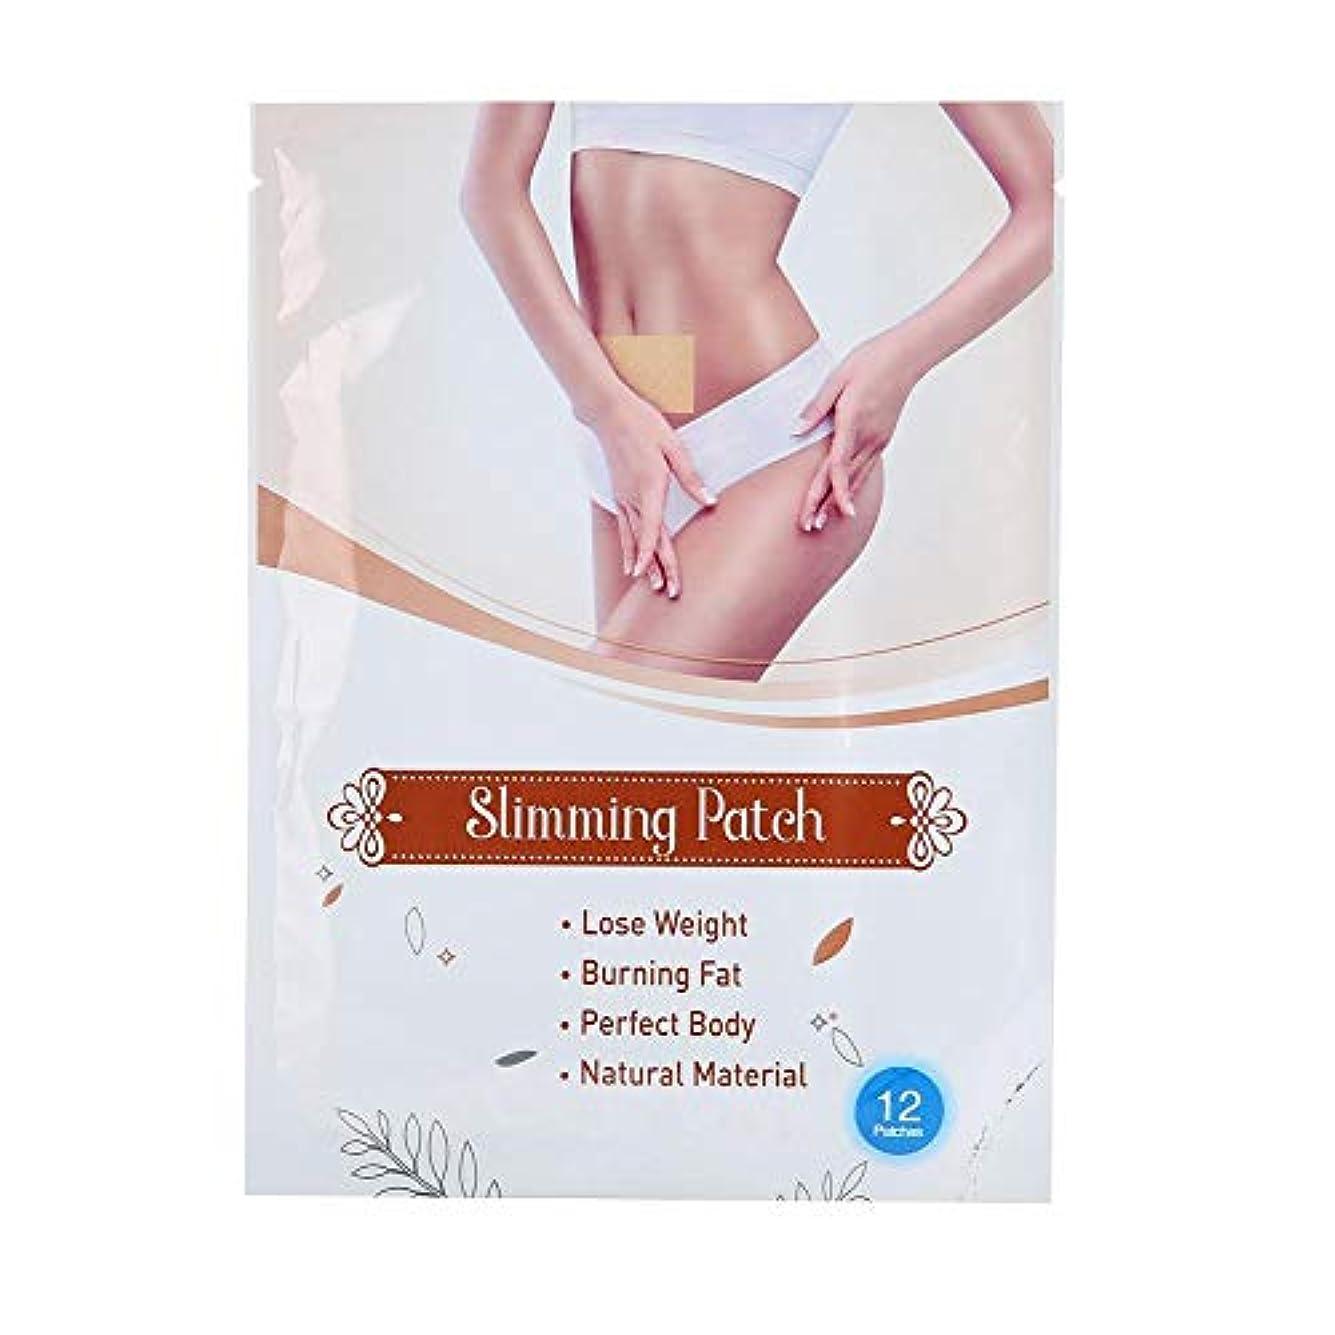 贅沢な変形ダブル12痩身パッチ - 燃焼脂肪、減量ステッカー - 痩身脂肪燃焼、女性用